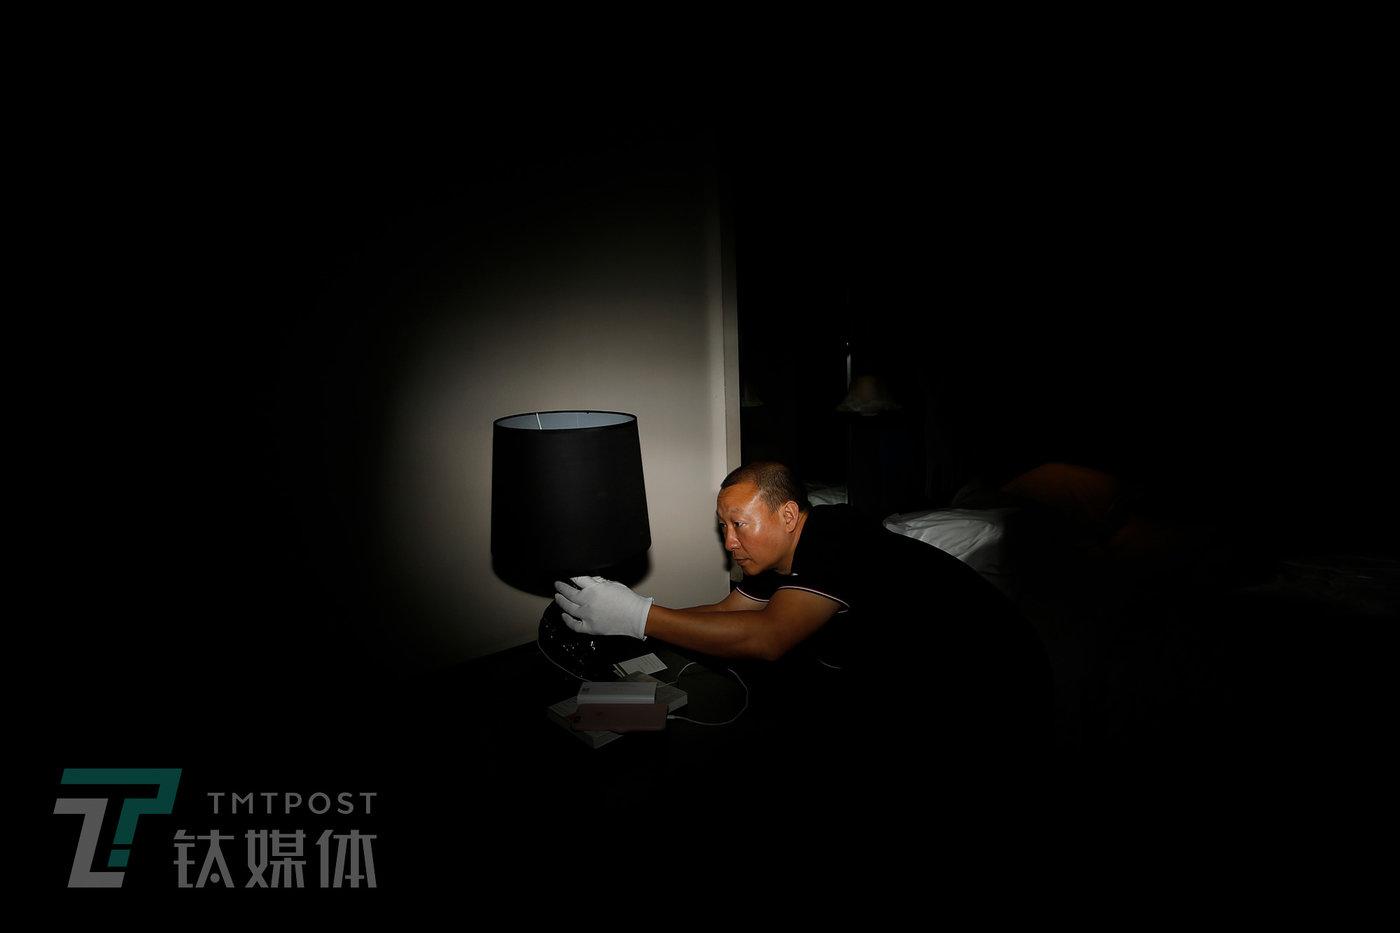 深圳某星级酒店,何志会在检查台灯。在采访过程中,他分别向钛媒体《在线》演示了如何检测办公室、酒店和排查车辆定位器。